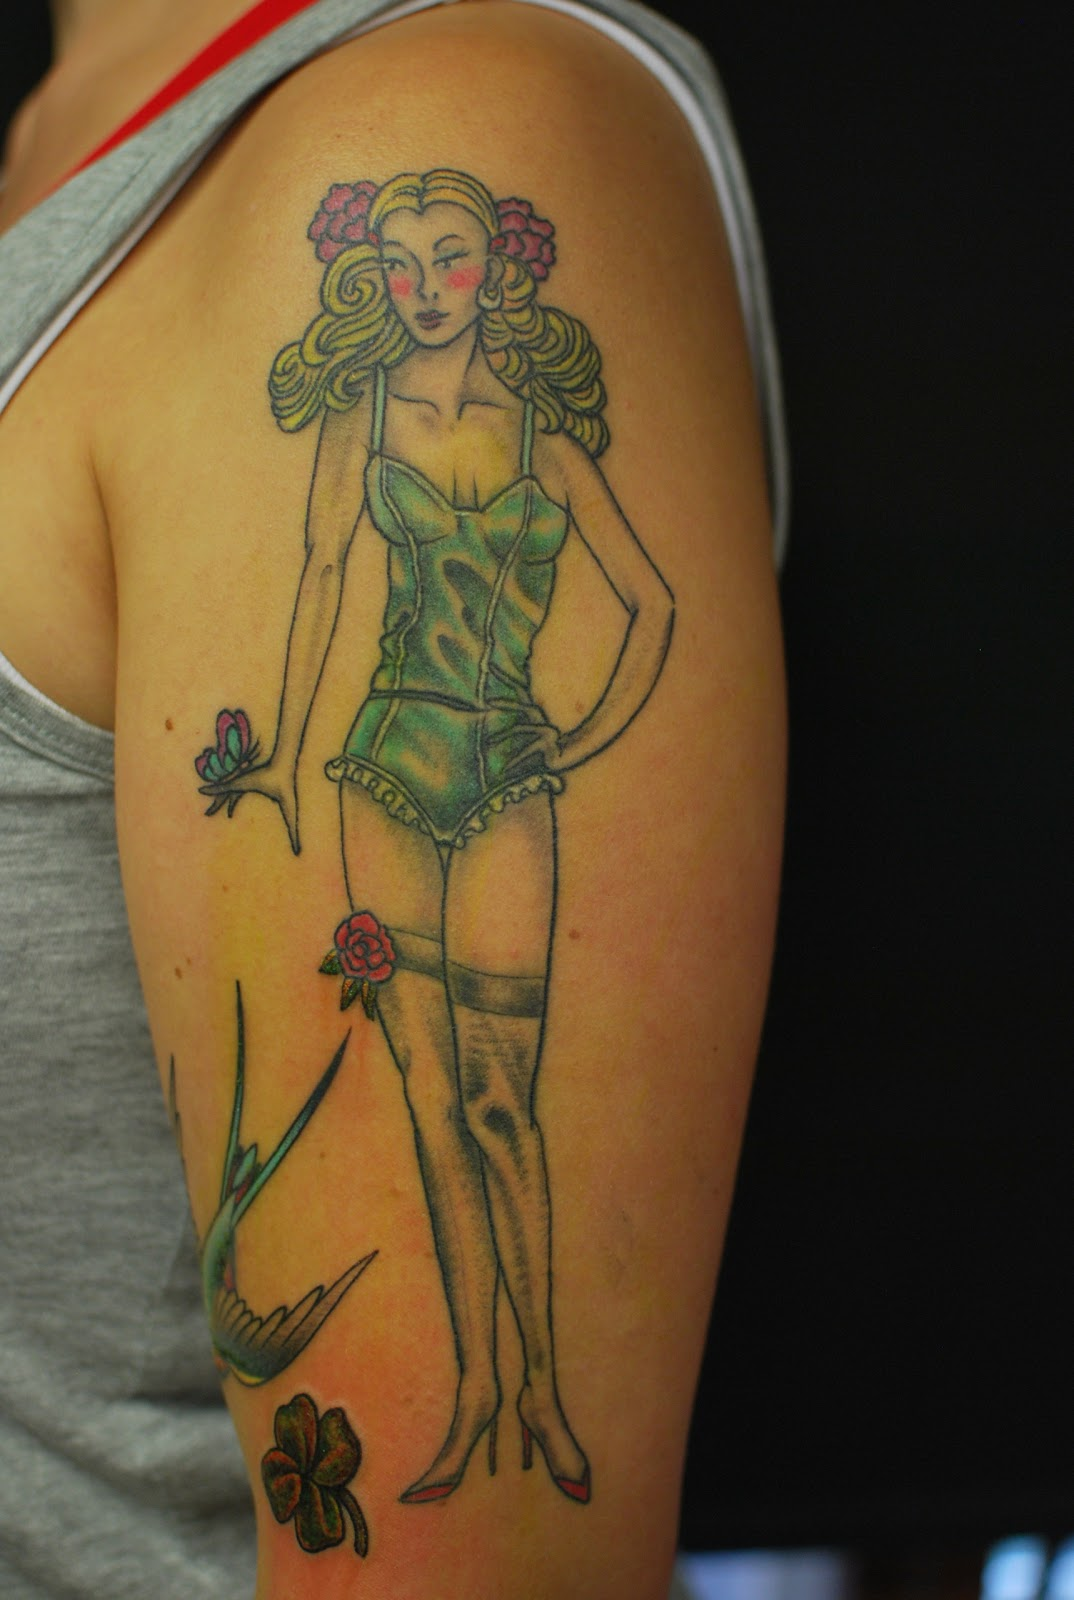 Tattoo pin up girls 6k pics - Tattooed pin up models ...